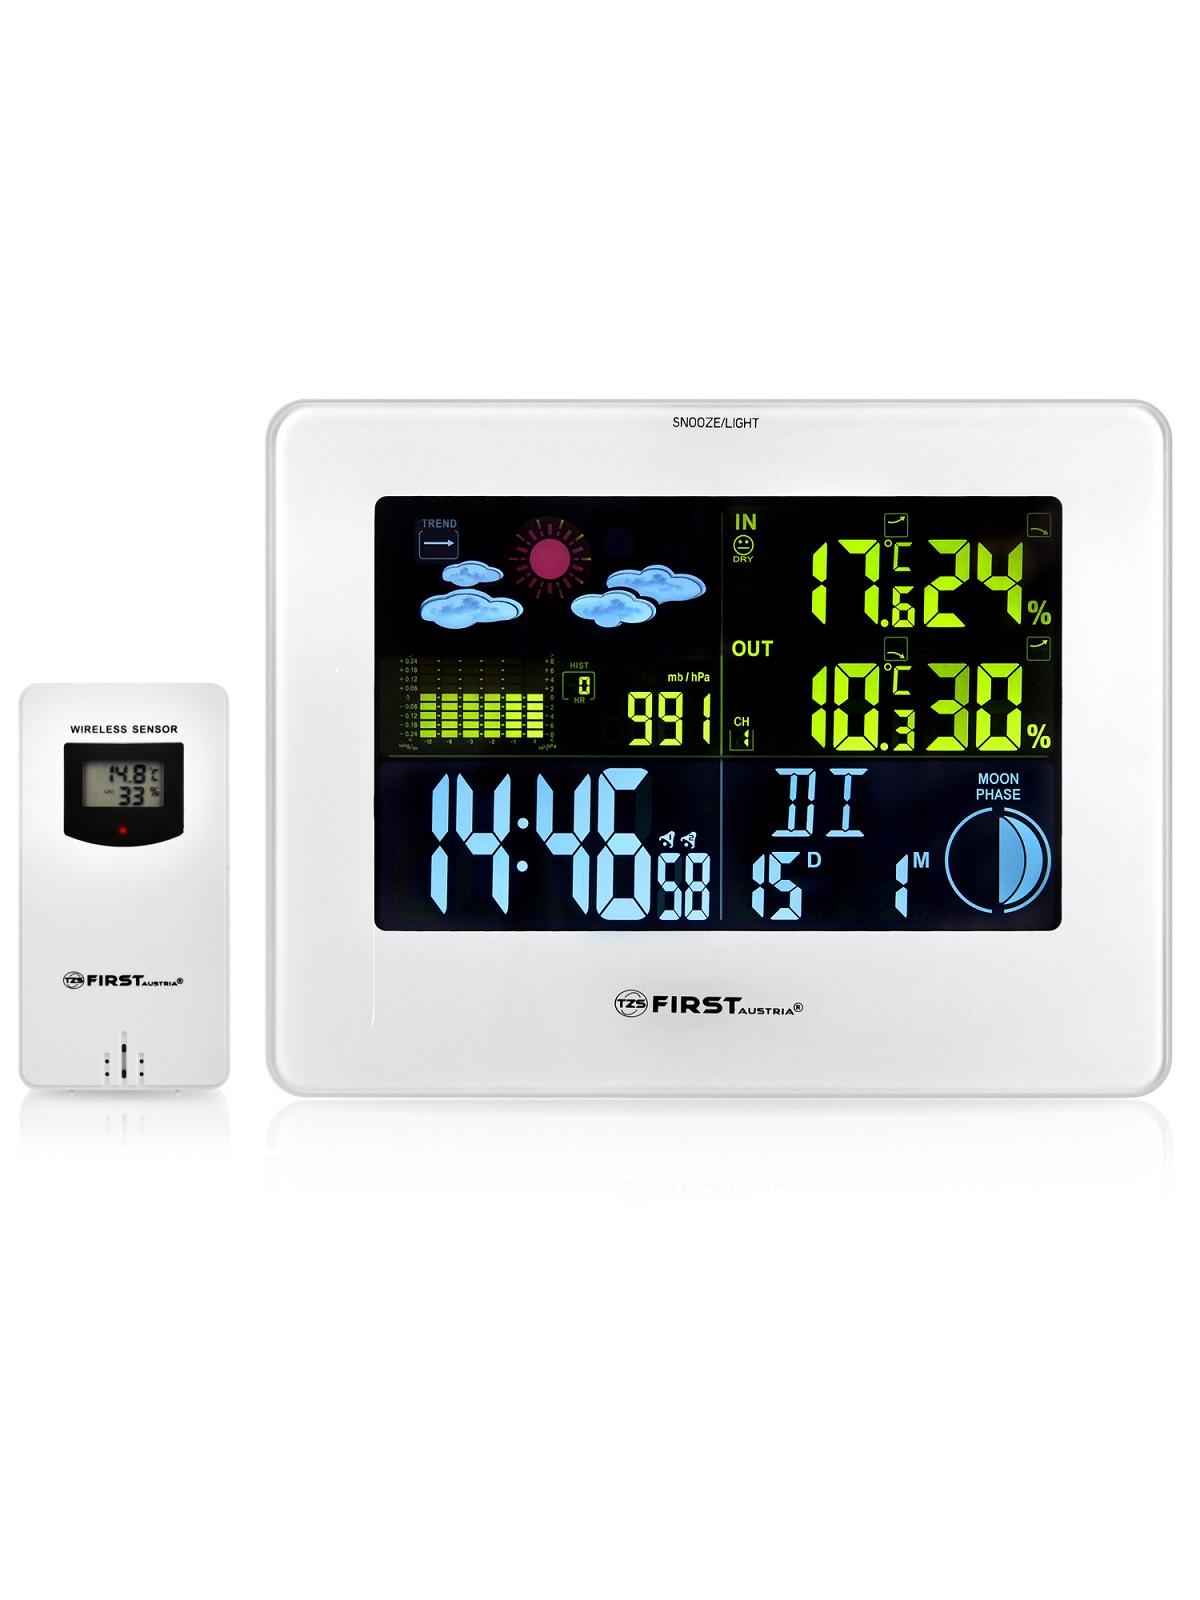 Метеостанция First, датчик 433,92 МГц, цвет: белый